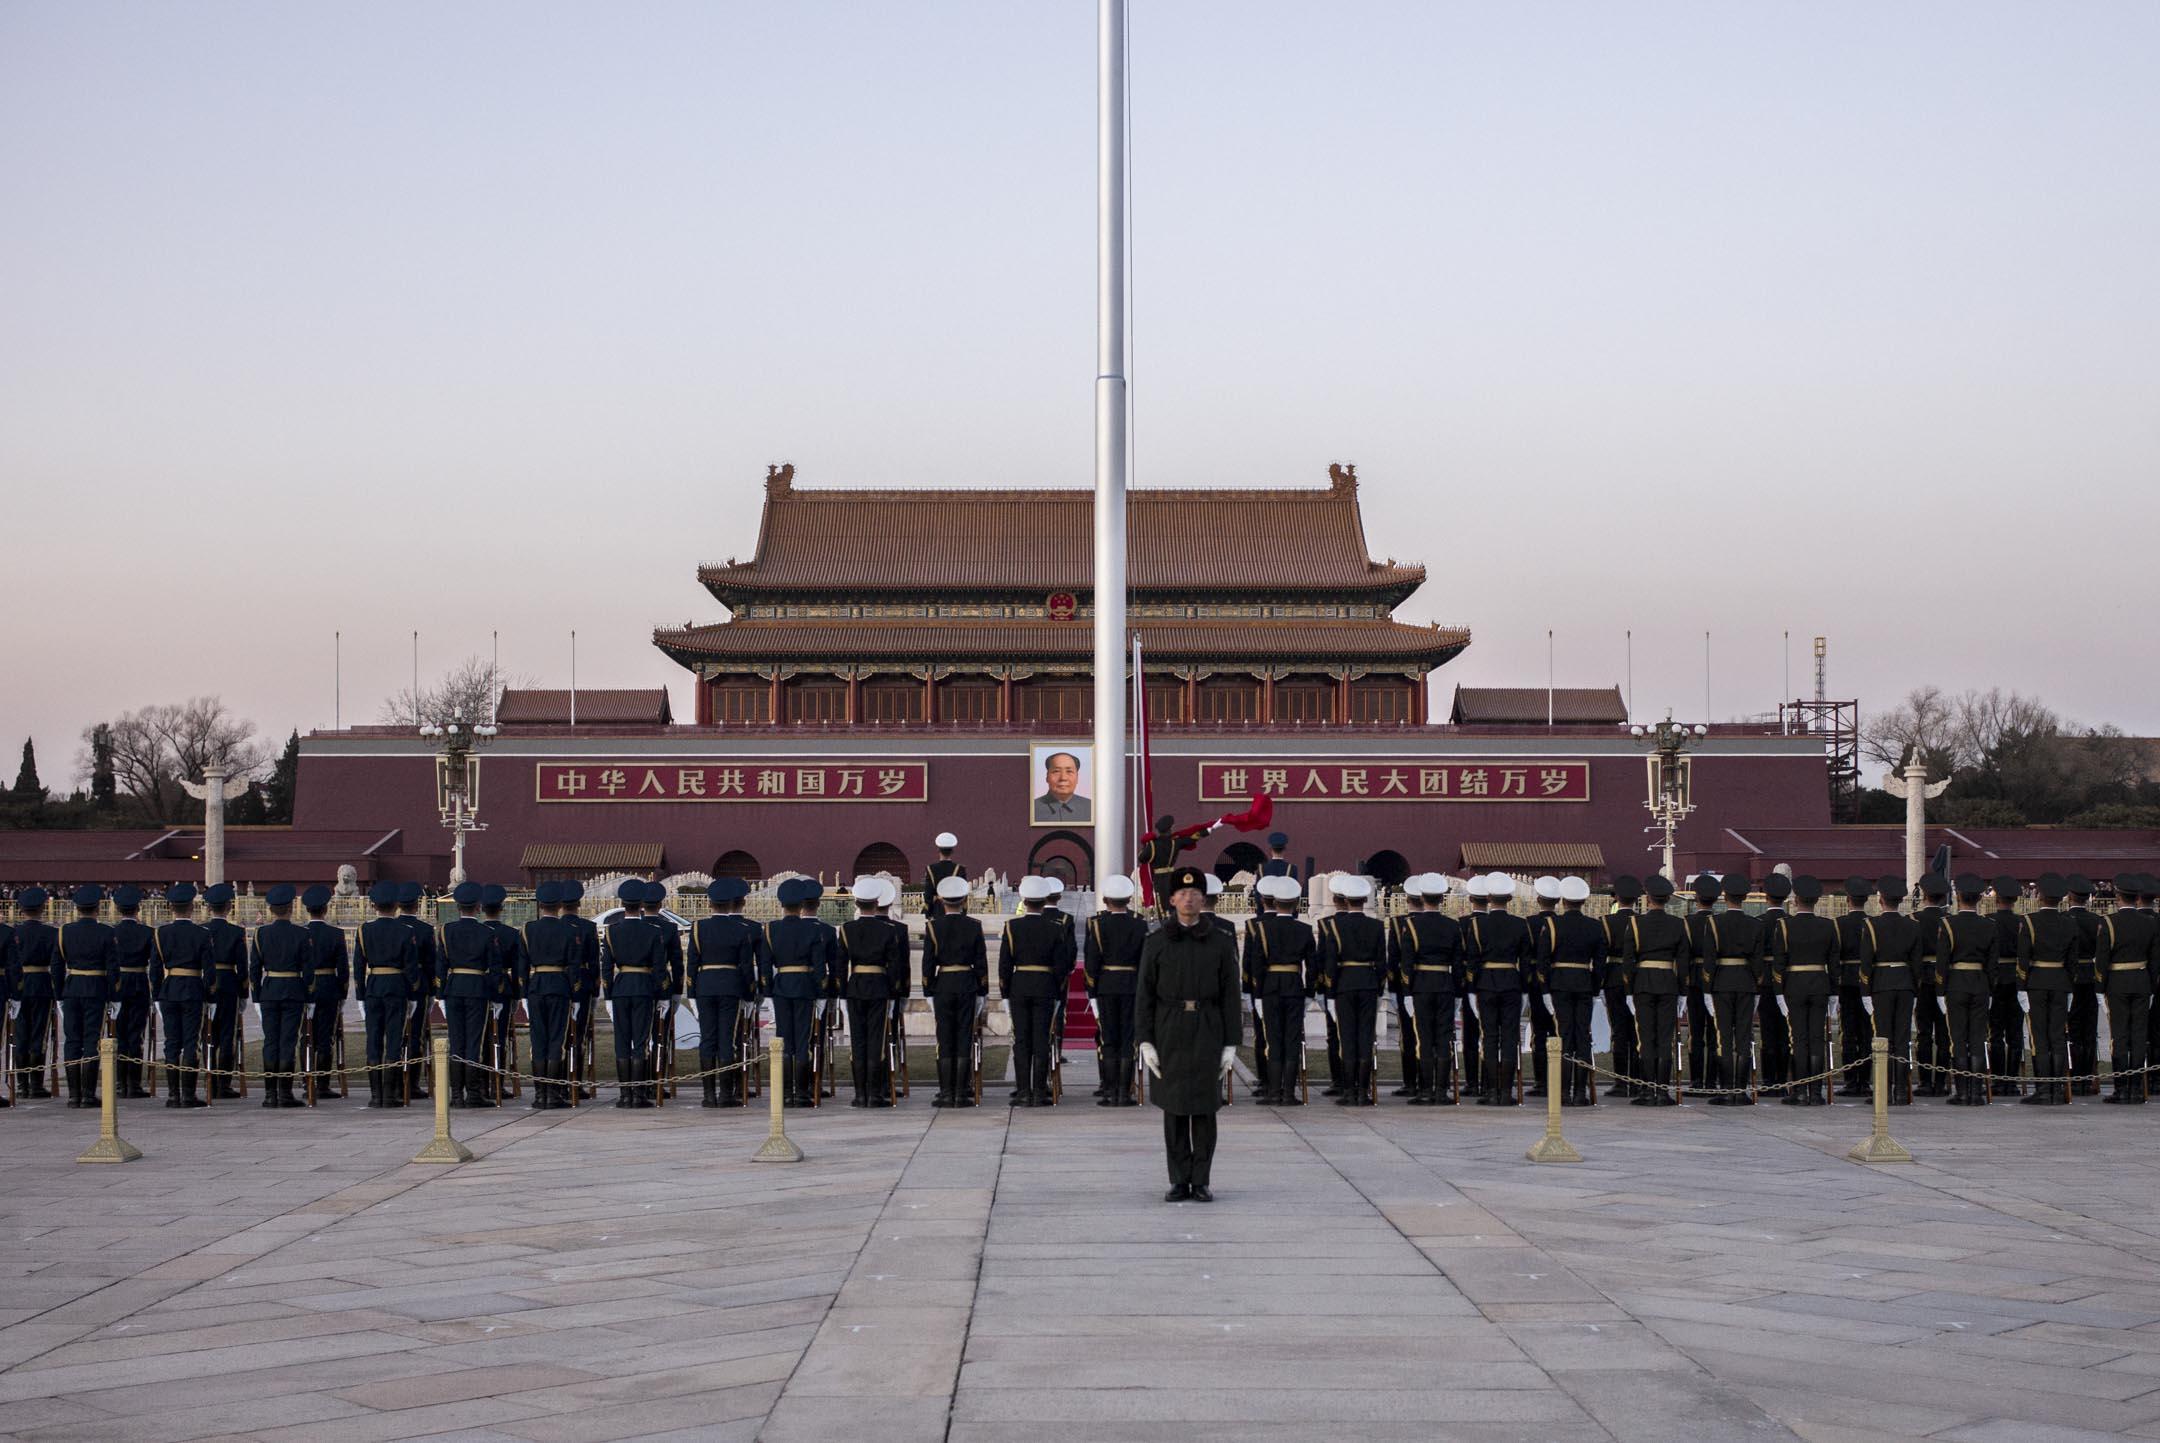 2018年12月26日,北京天安門舉行降旗儀式。 攝:林振東/端傳媒